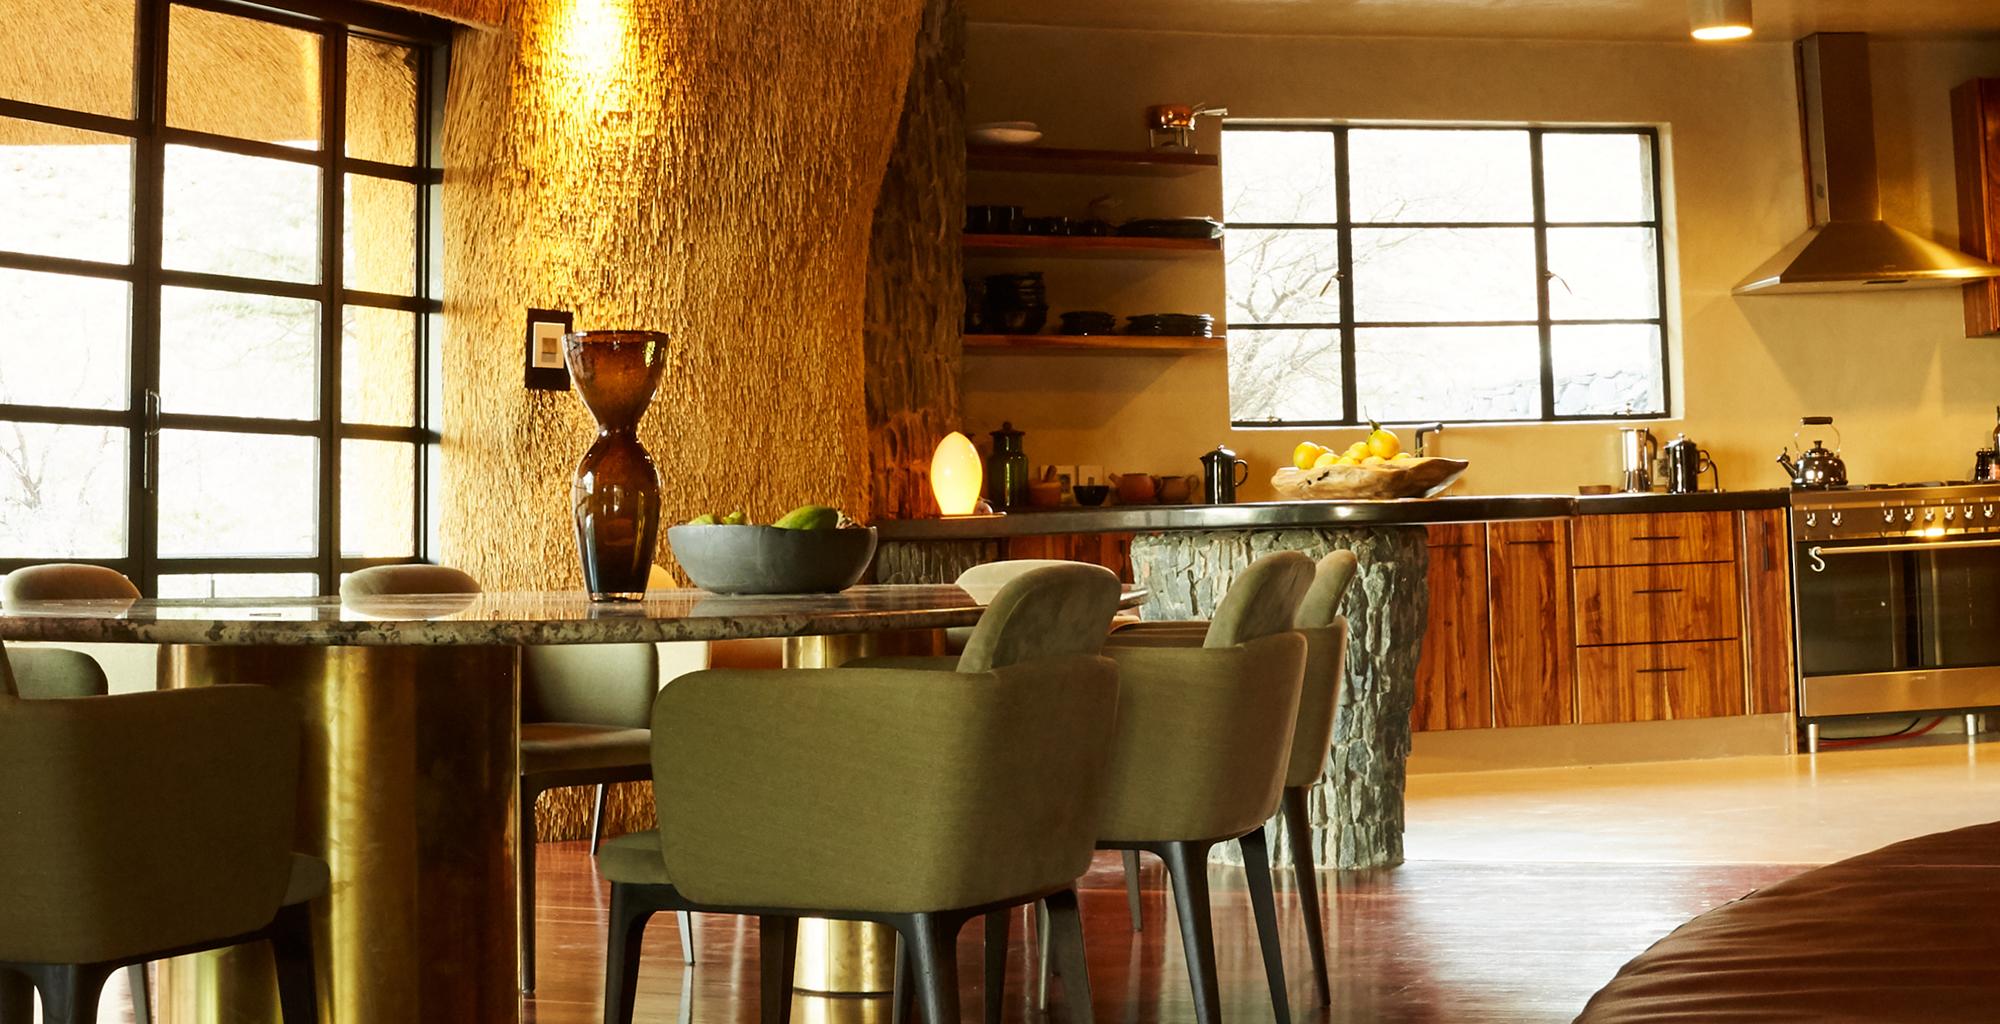 Namibia-Sossusvlei-Nest-Dining